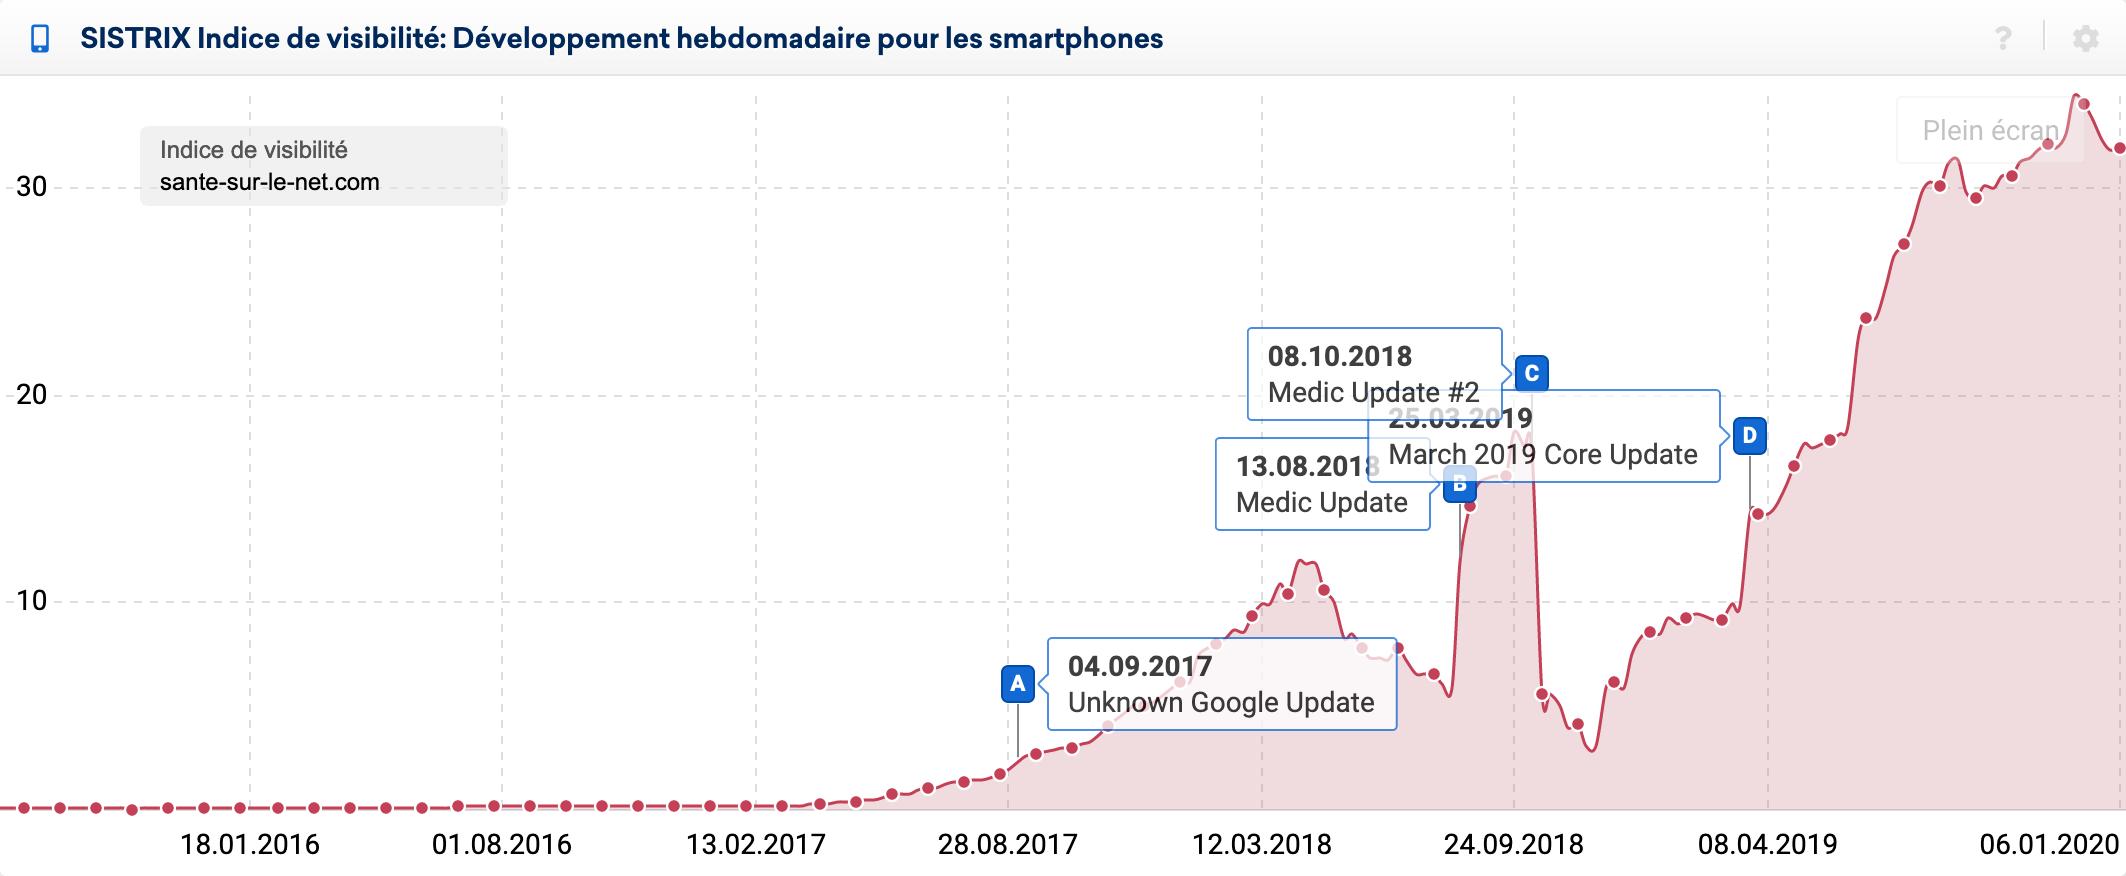 Indice de visibilité de sante-sur-le-net.com